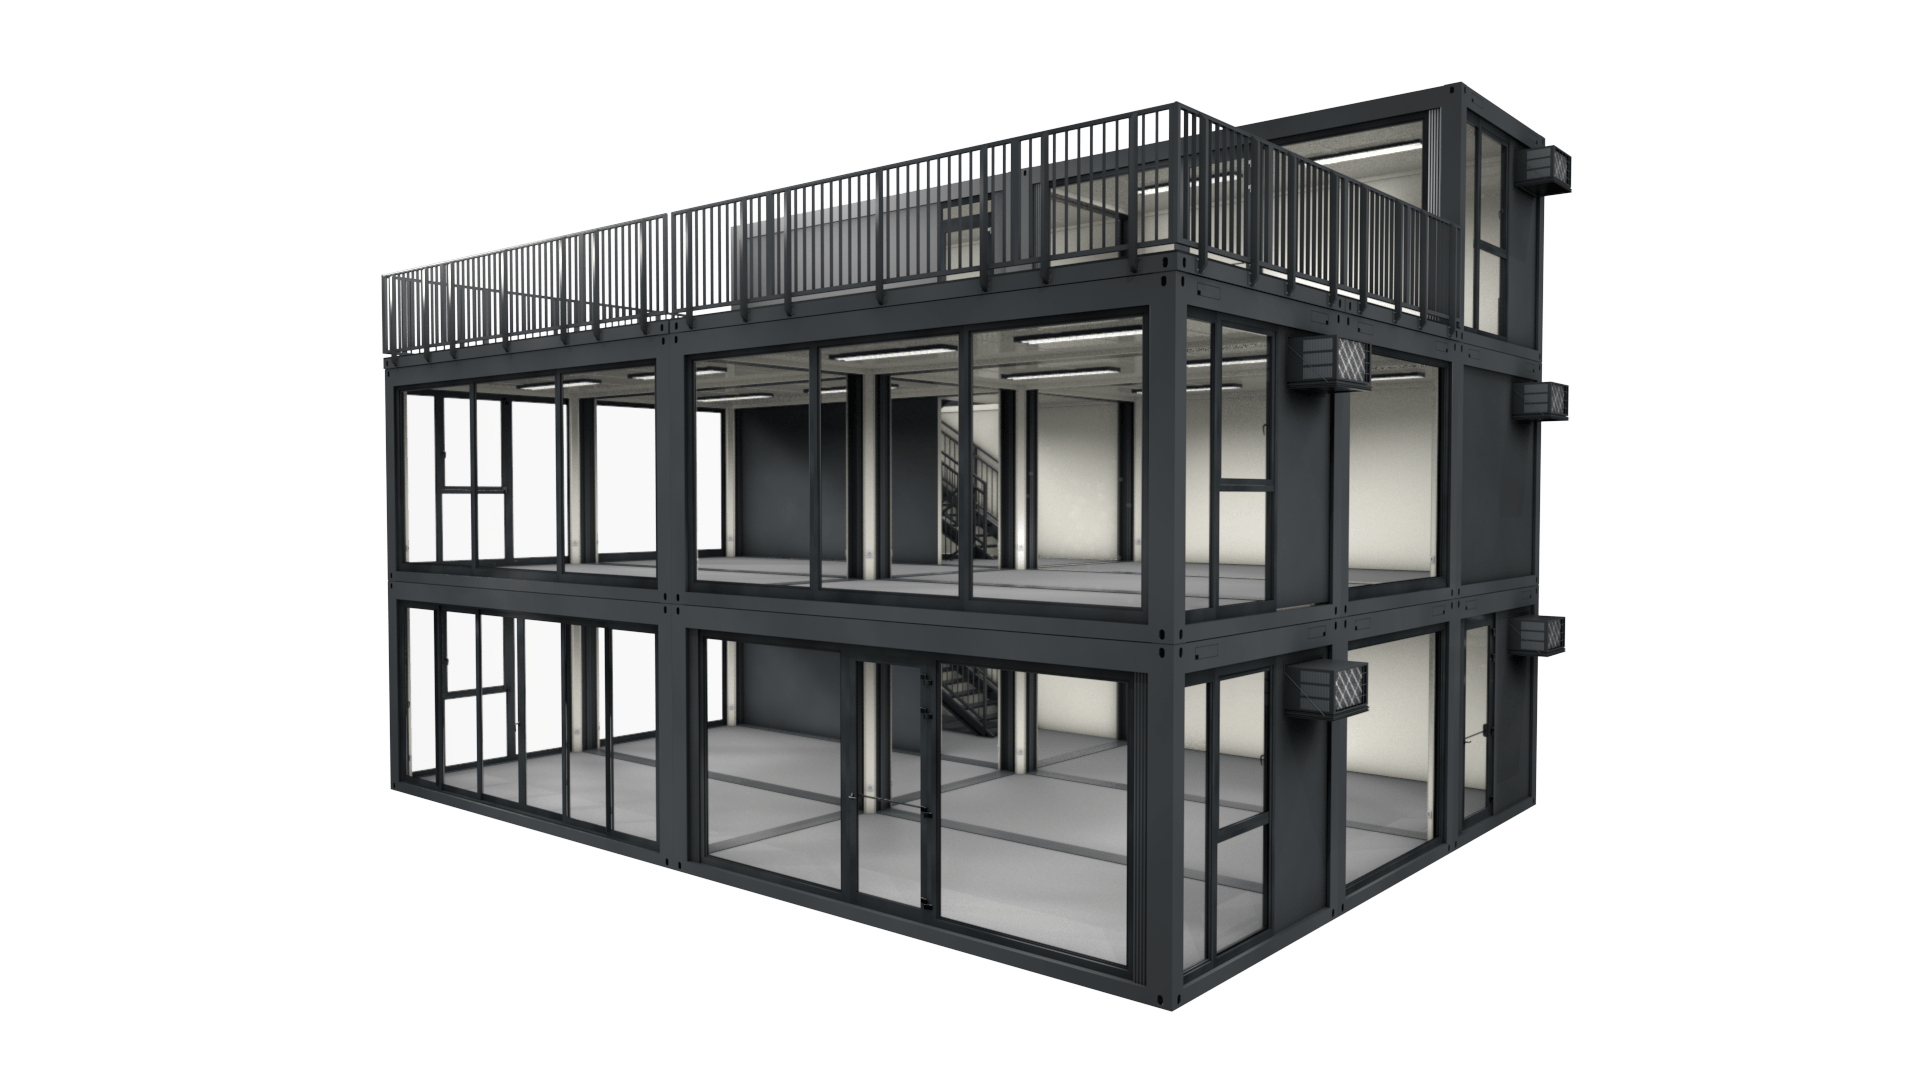 Container Modul M 41 ist ein modulares Gebäude mit 3 Stockwerken und Dachterrasse